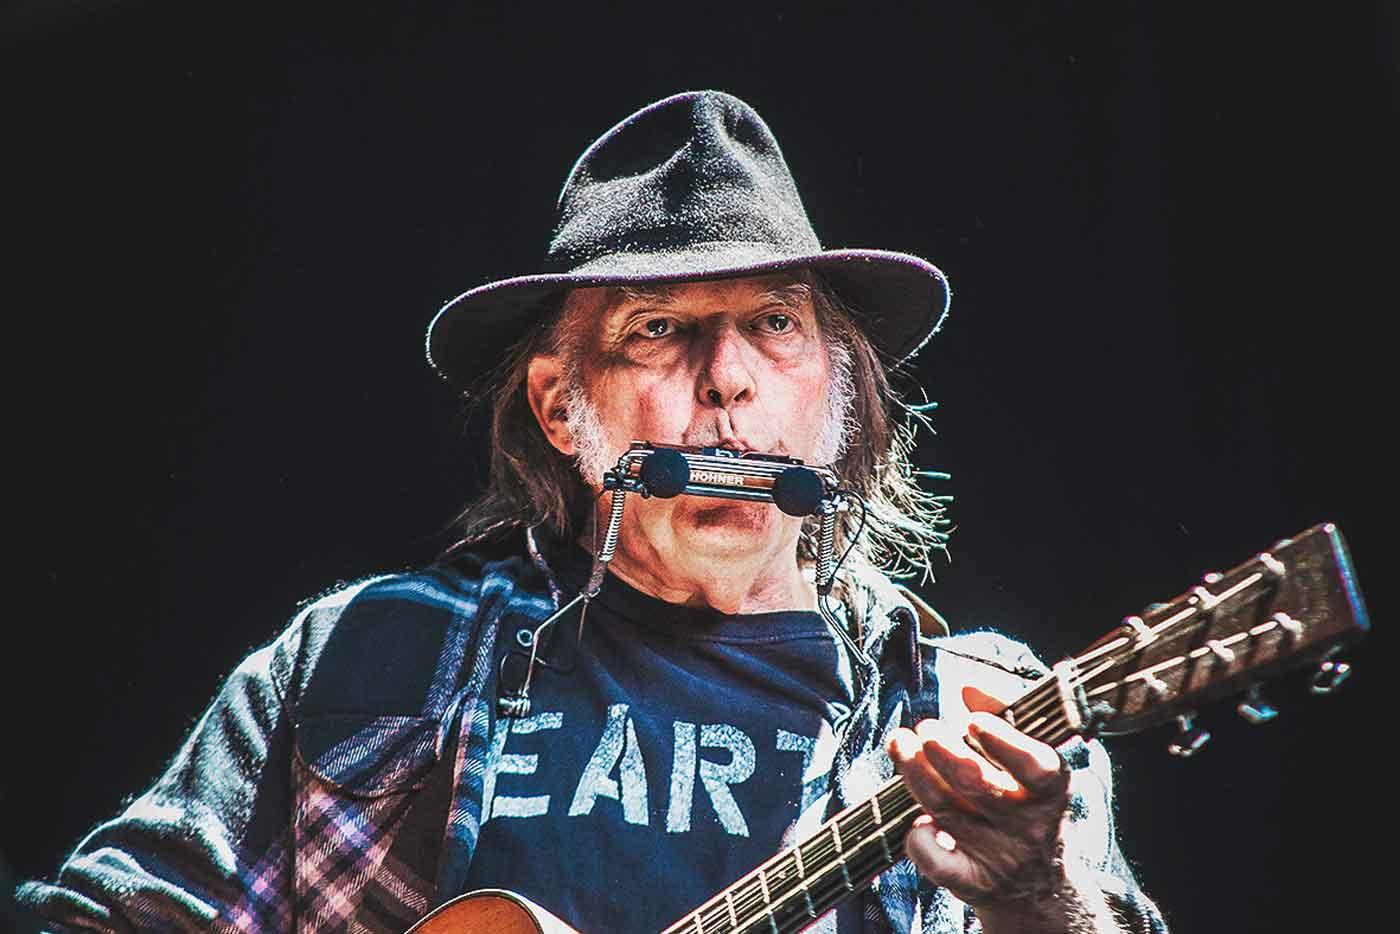 Sidonie serán la banda de apoyo de Neil Young